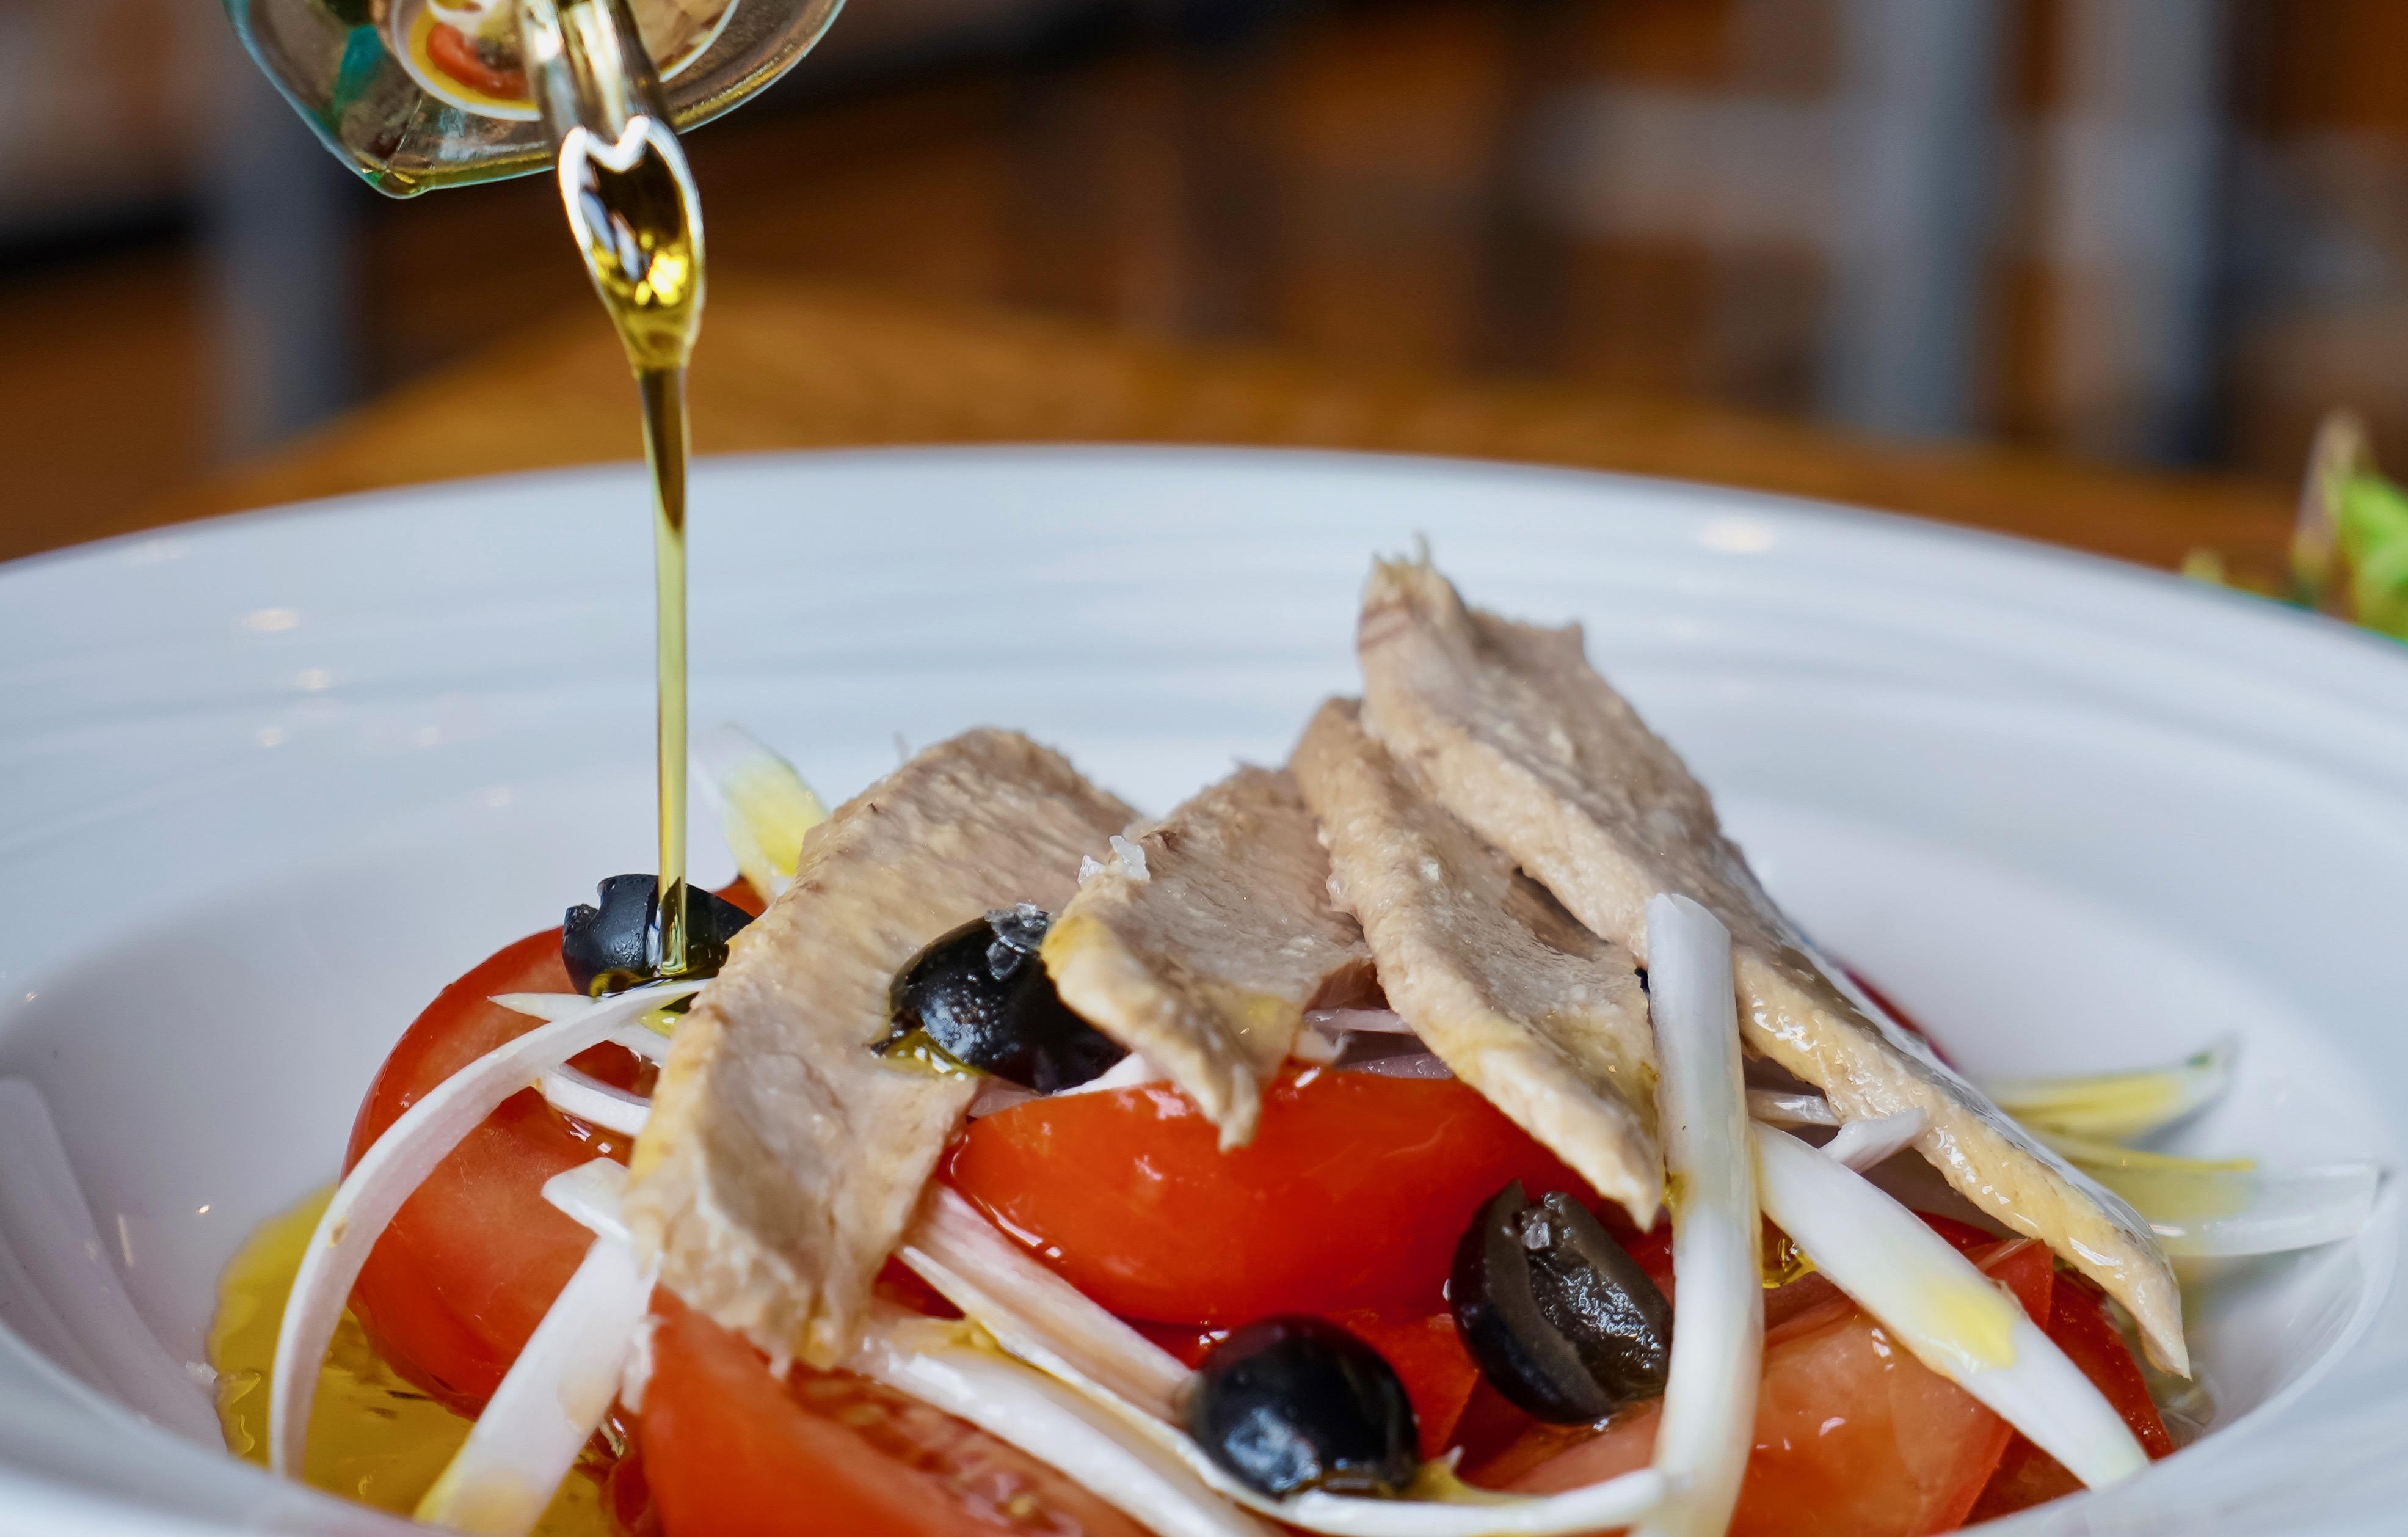 Ensalada de tomate con ventresca.